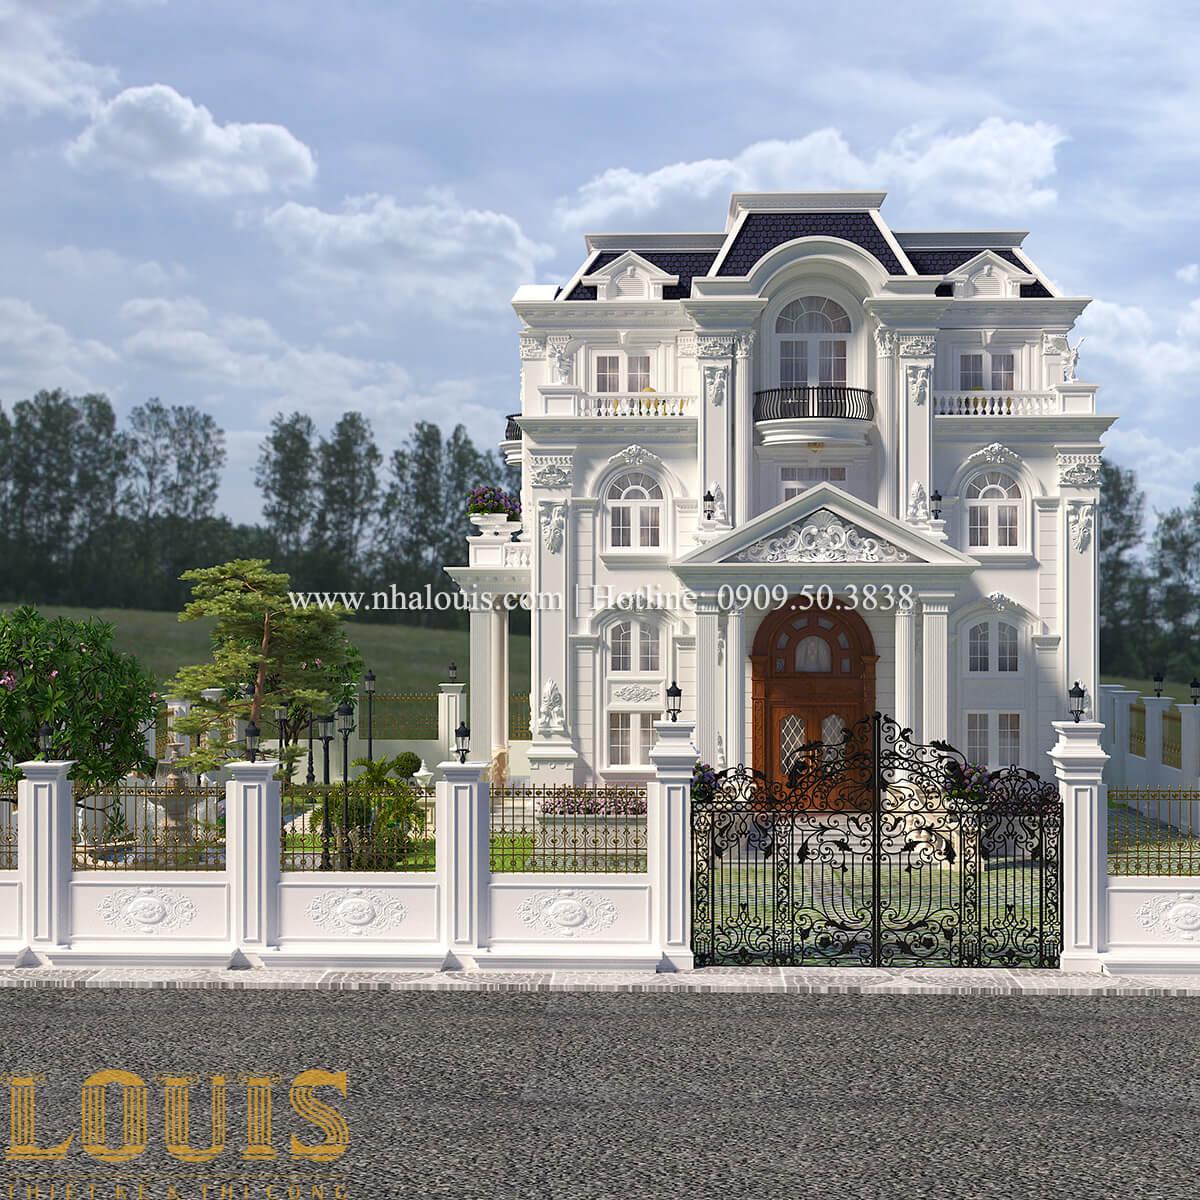 Mặt tiền Thiết kế biệt thự phong cách tân cổ điển đậm chất lãng mạn tại Vĩnh Long - 02